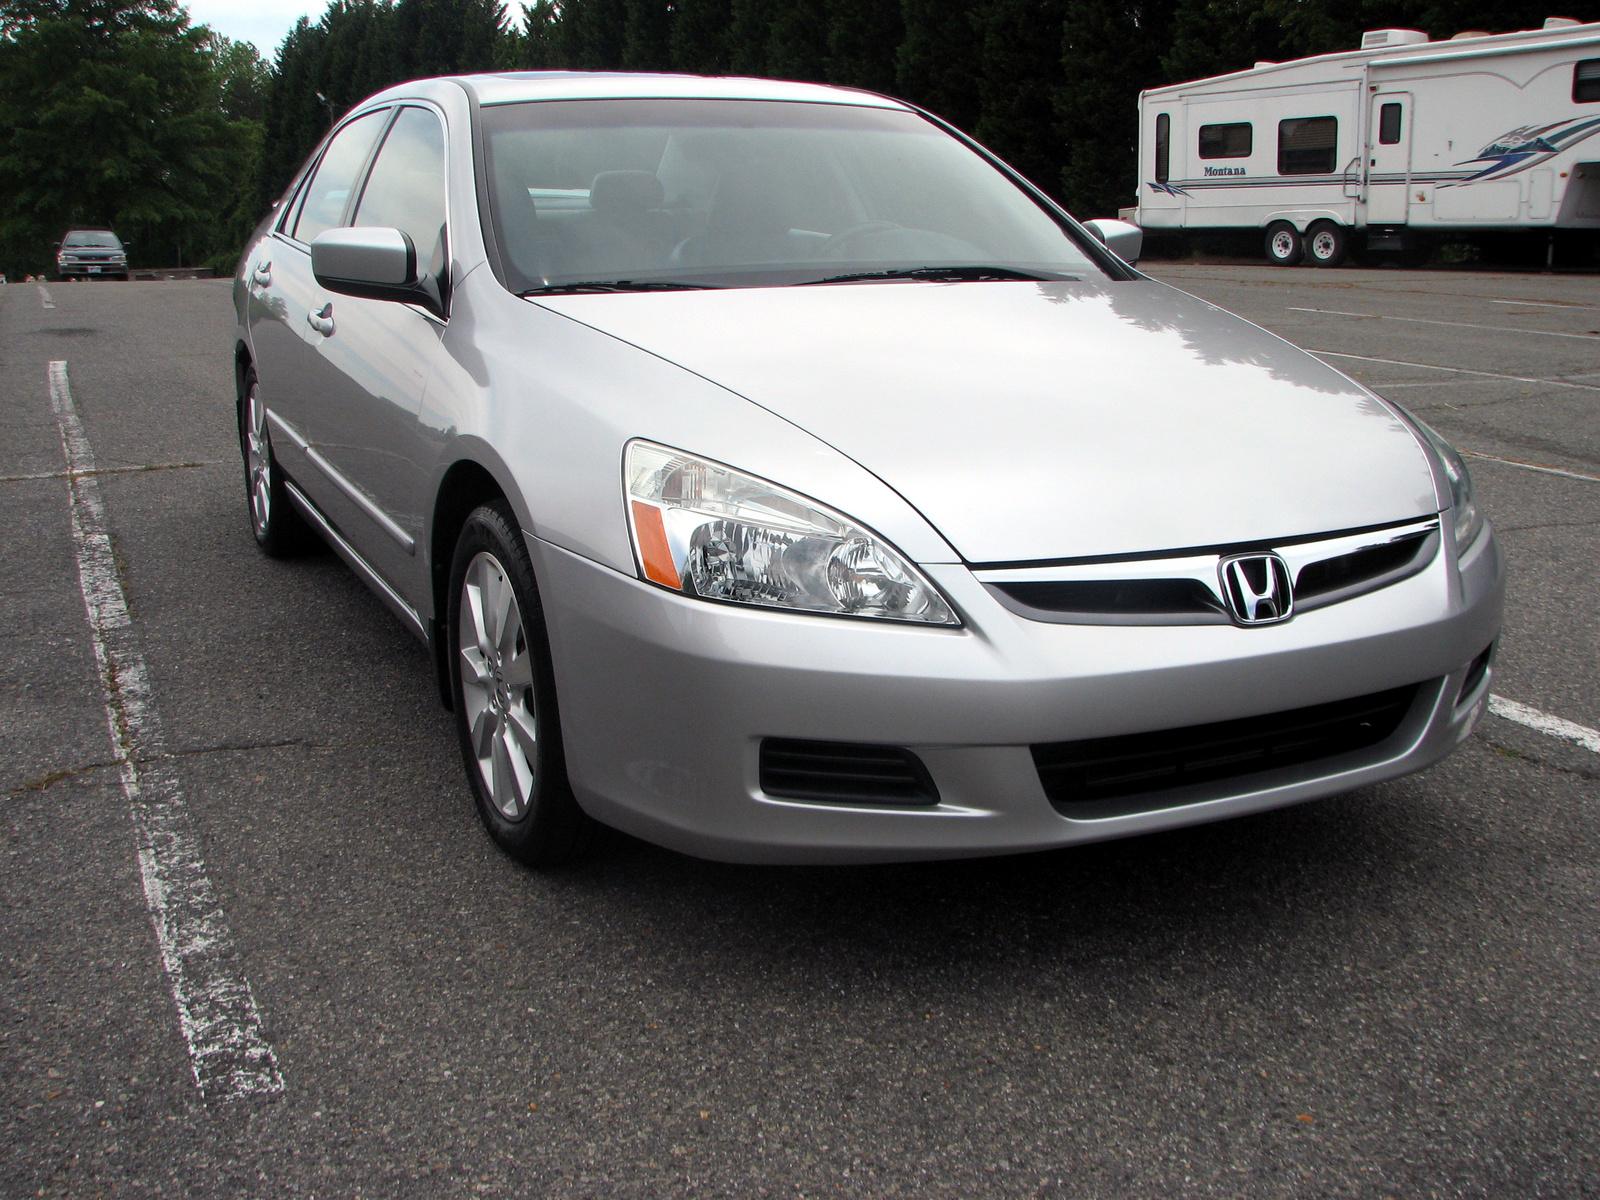 2007 Honda Accord - Pictures - CarGurus